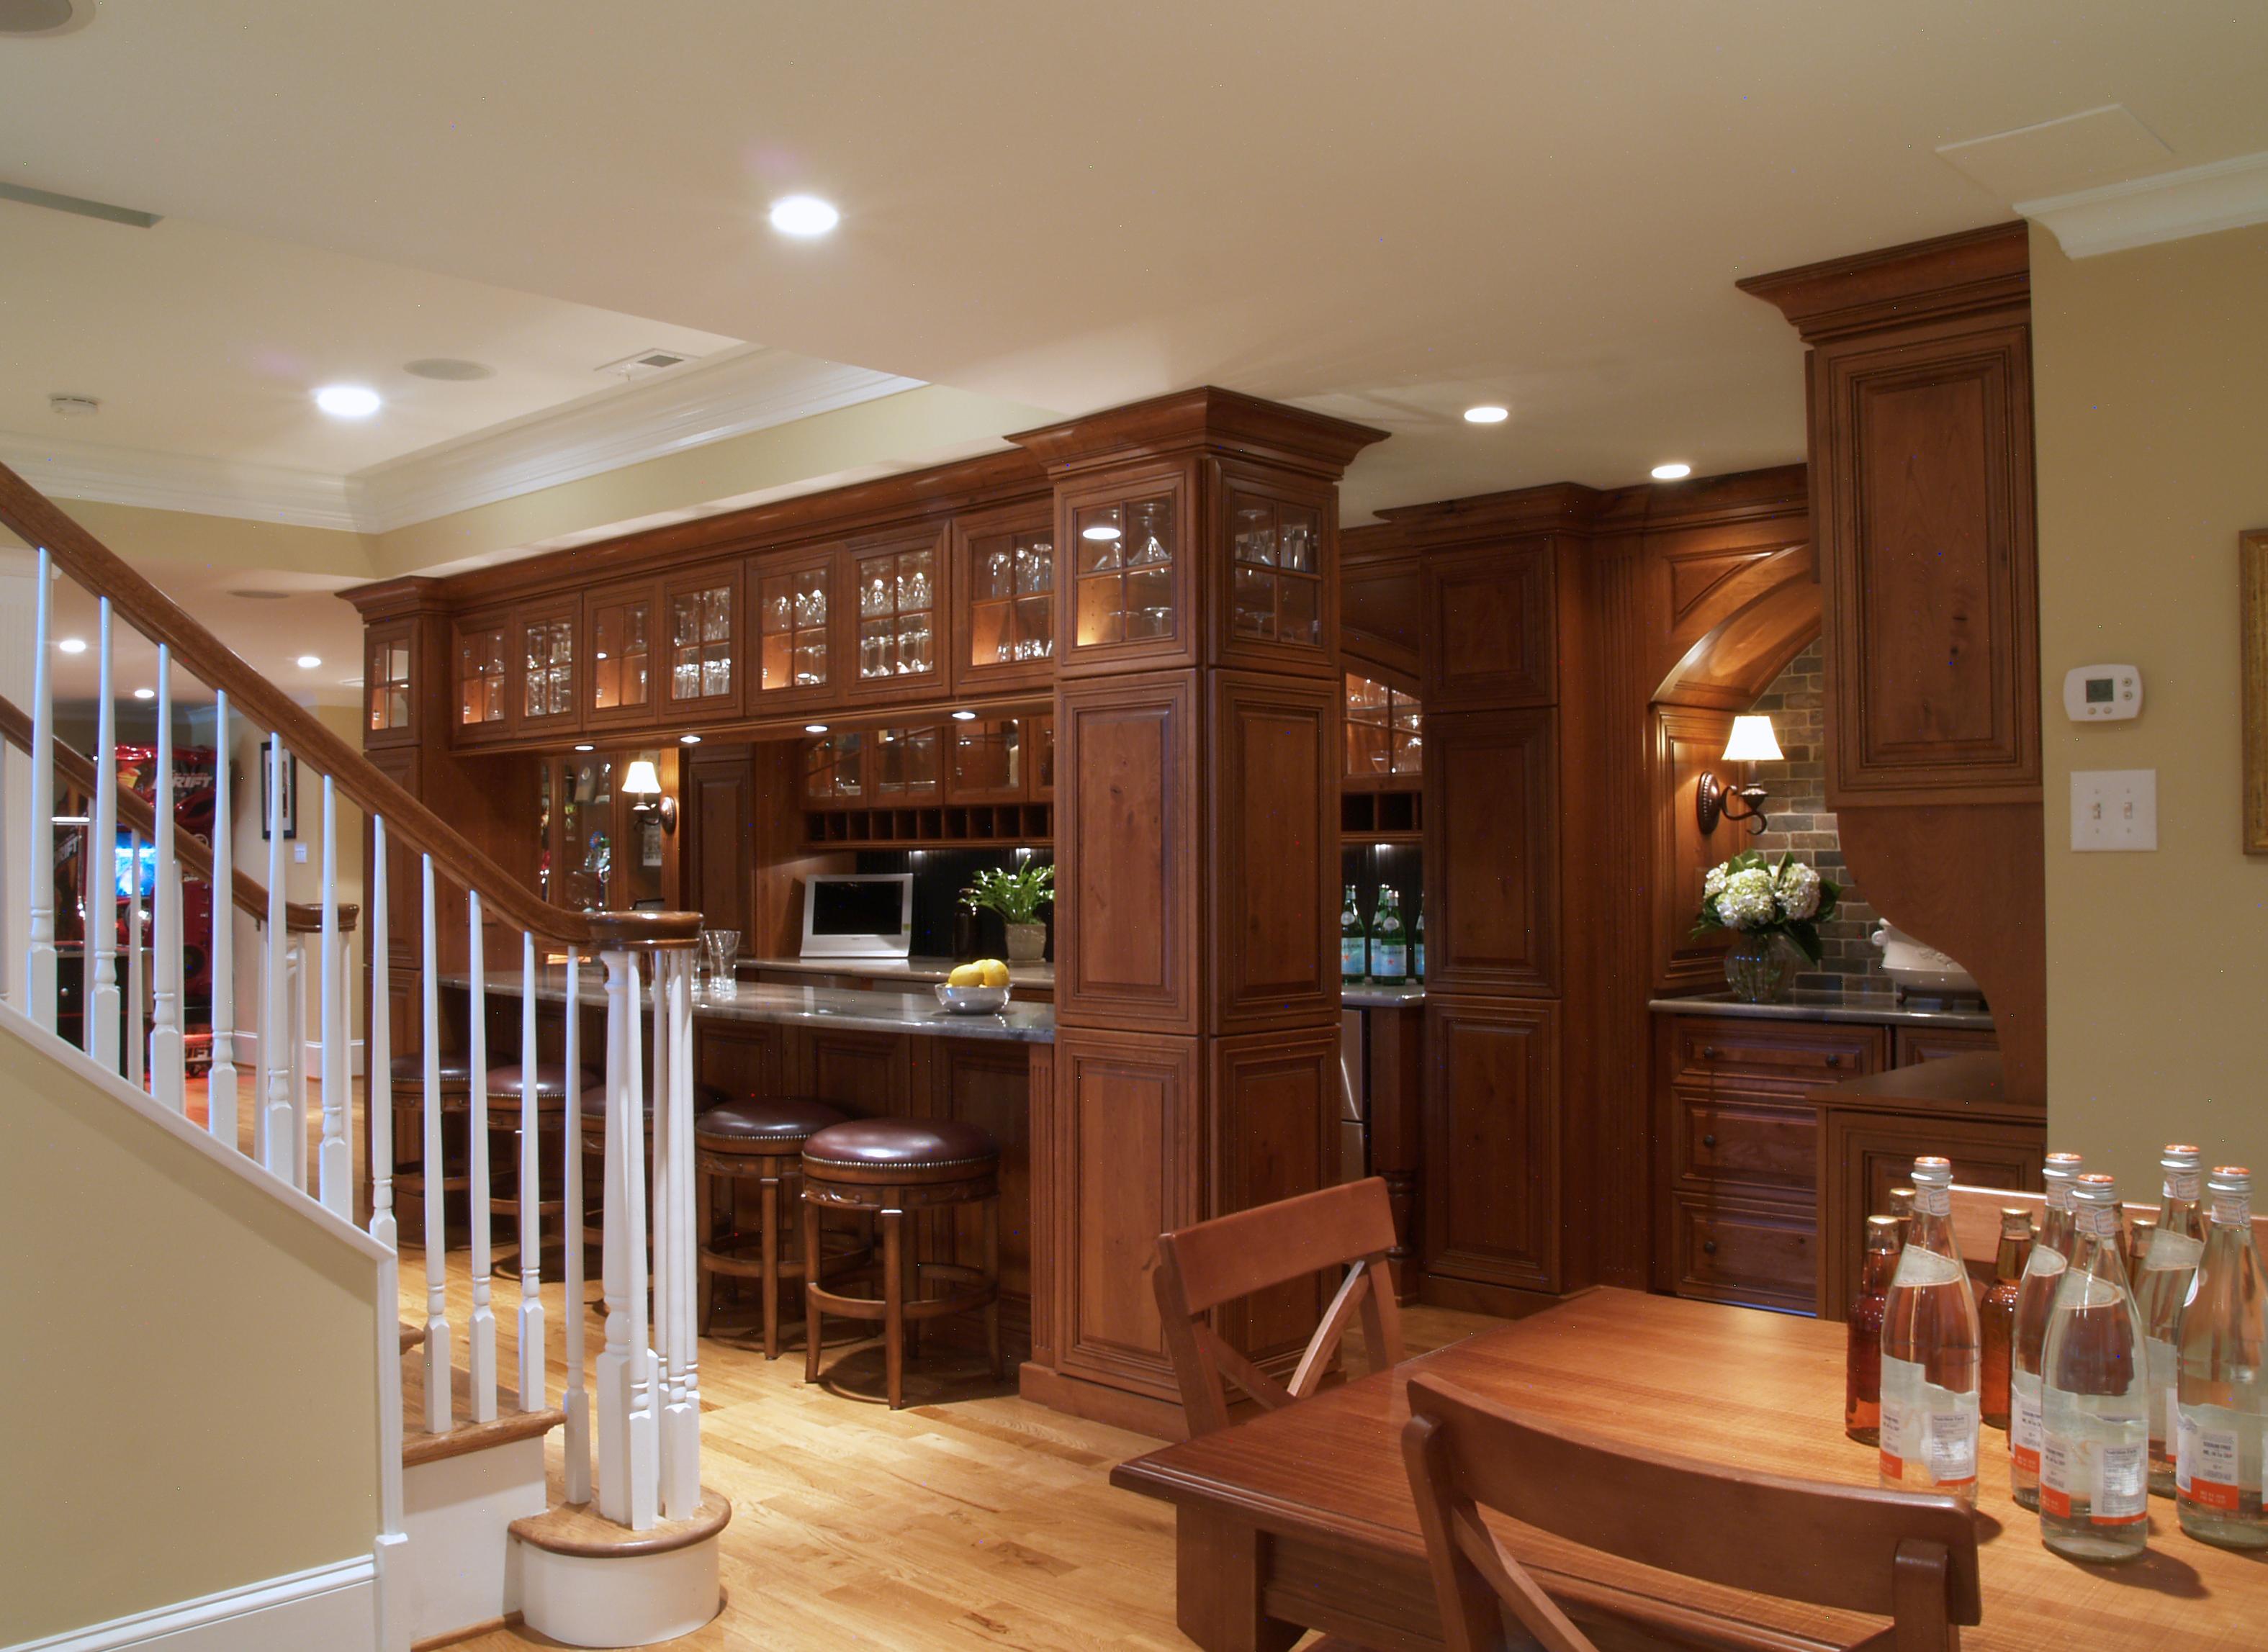 Coolest Diy Home Bar Ideas   Elly\u0027s DIY Blog